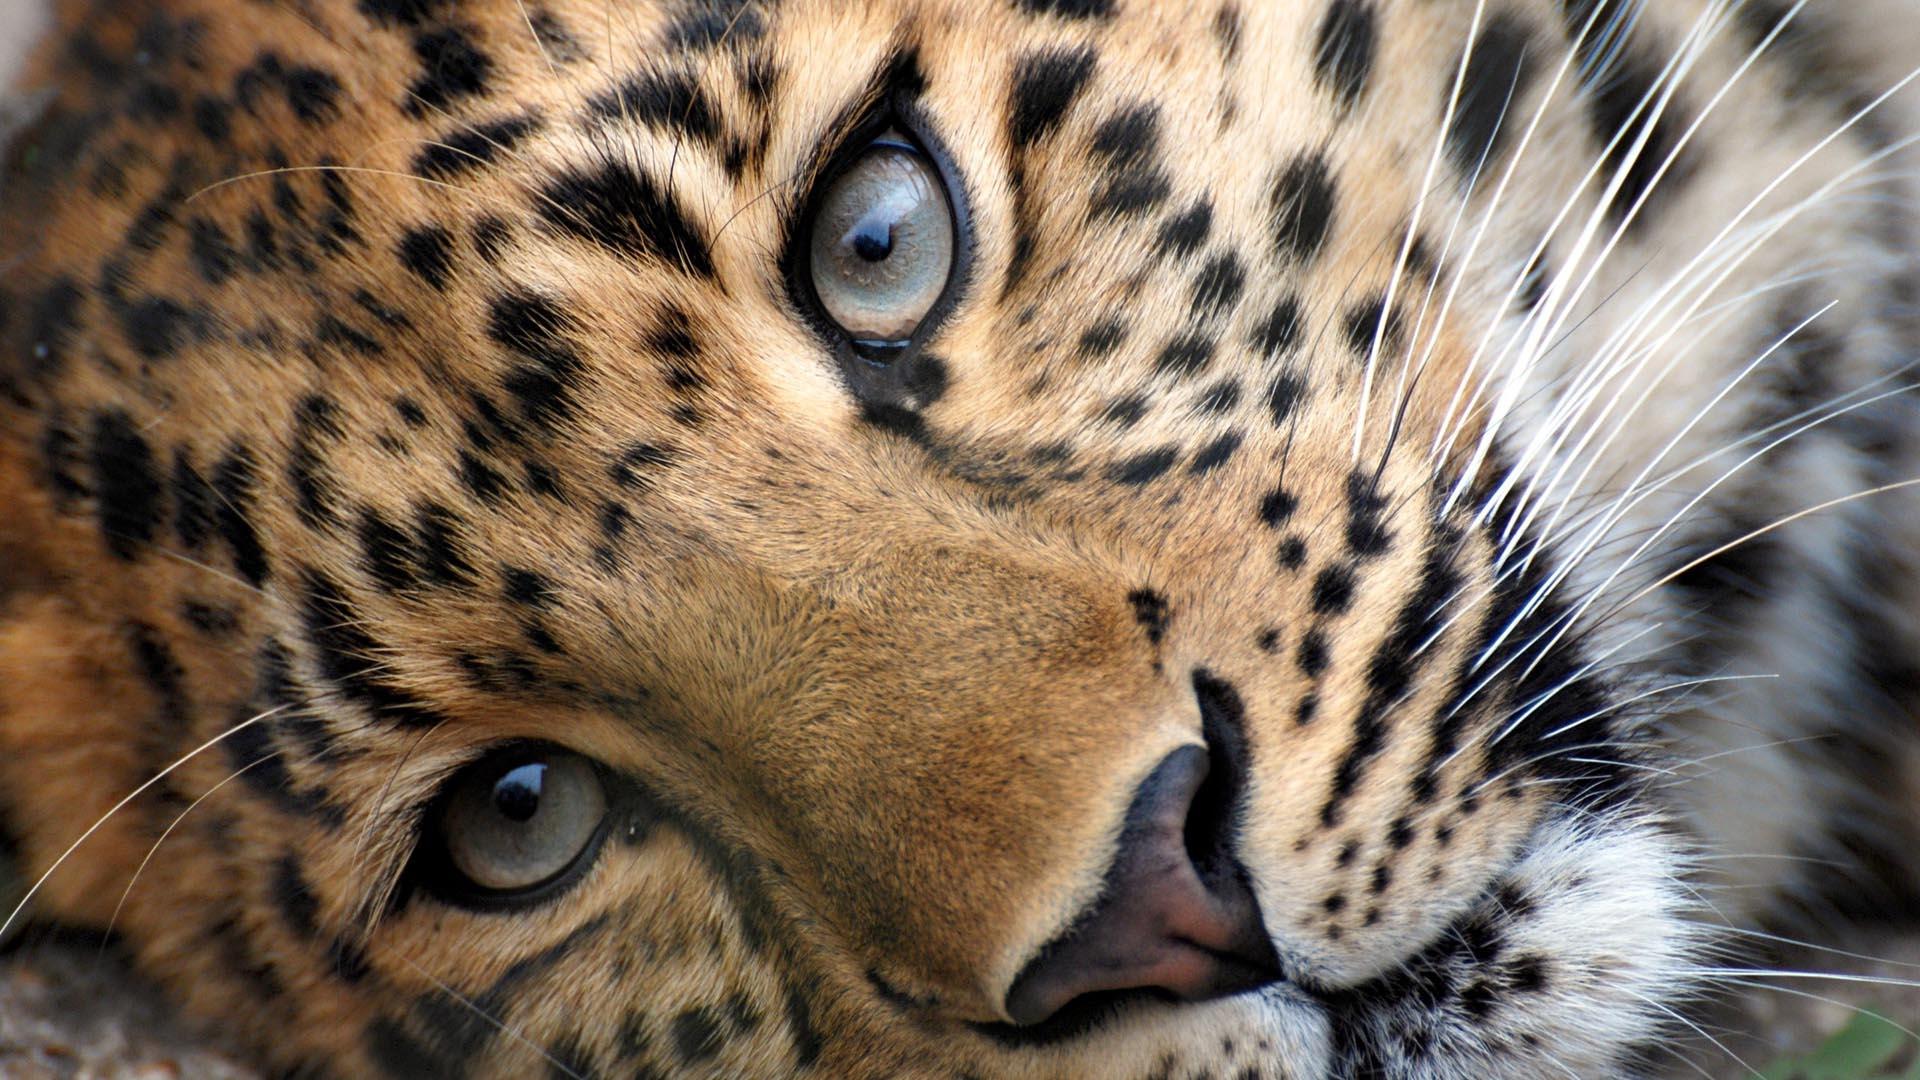 Leopard HD Wallpaper FullHDWpp   Full HD Wallpapers 1920x1080 1920x1080